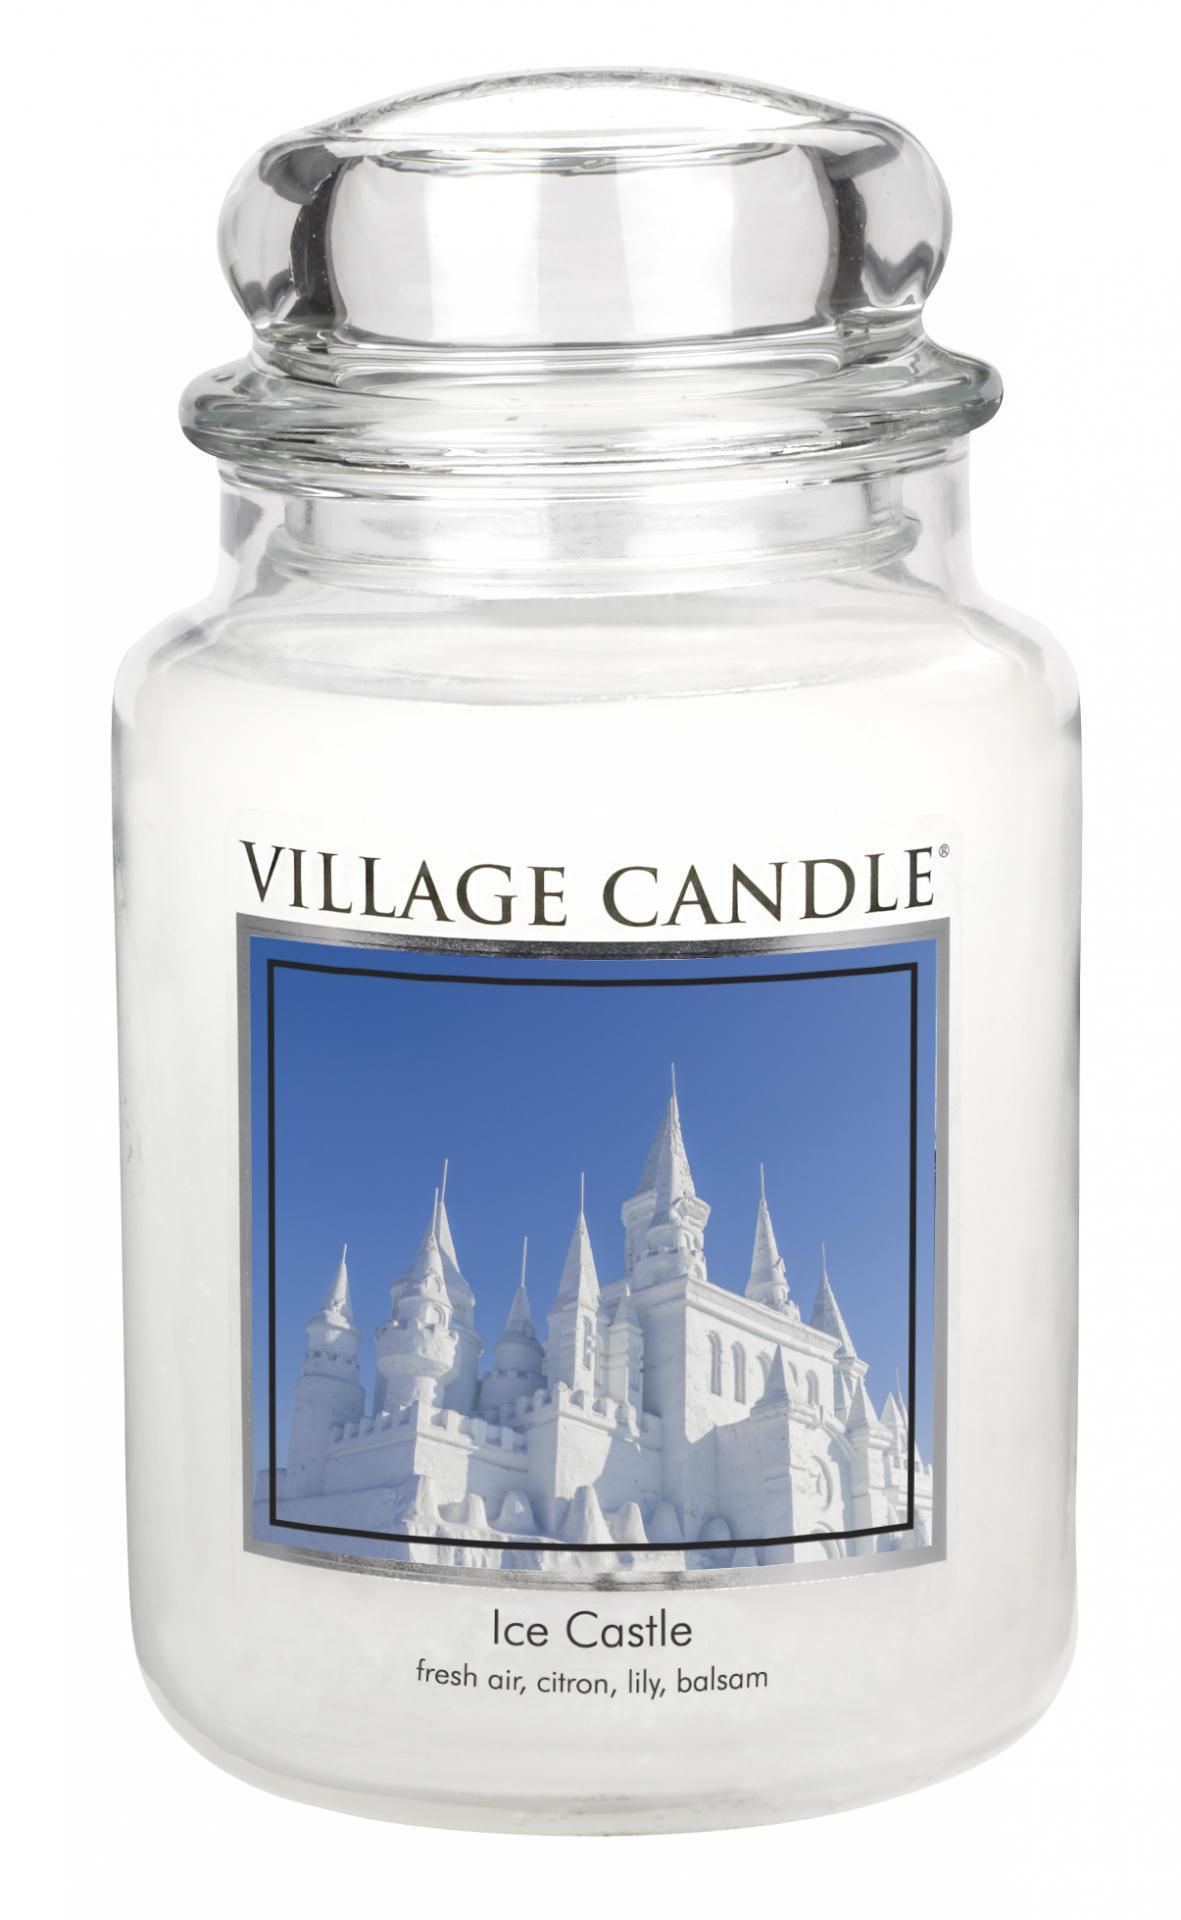 Village Candle Svíčka ve skle Ice Castle - velká, bílá barva, sklo, vosk